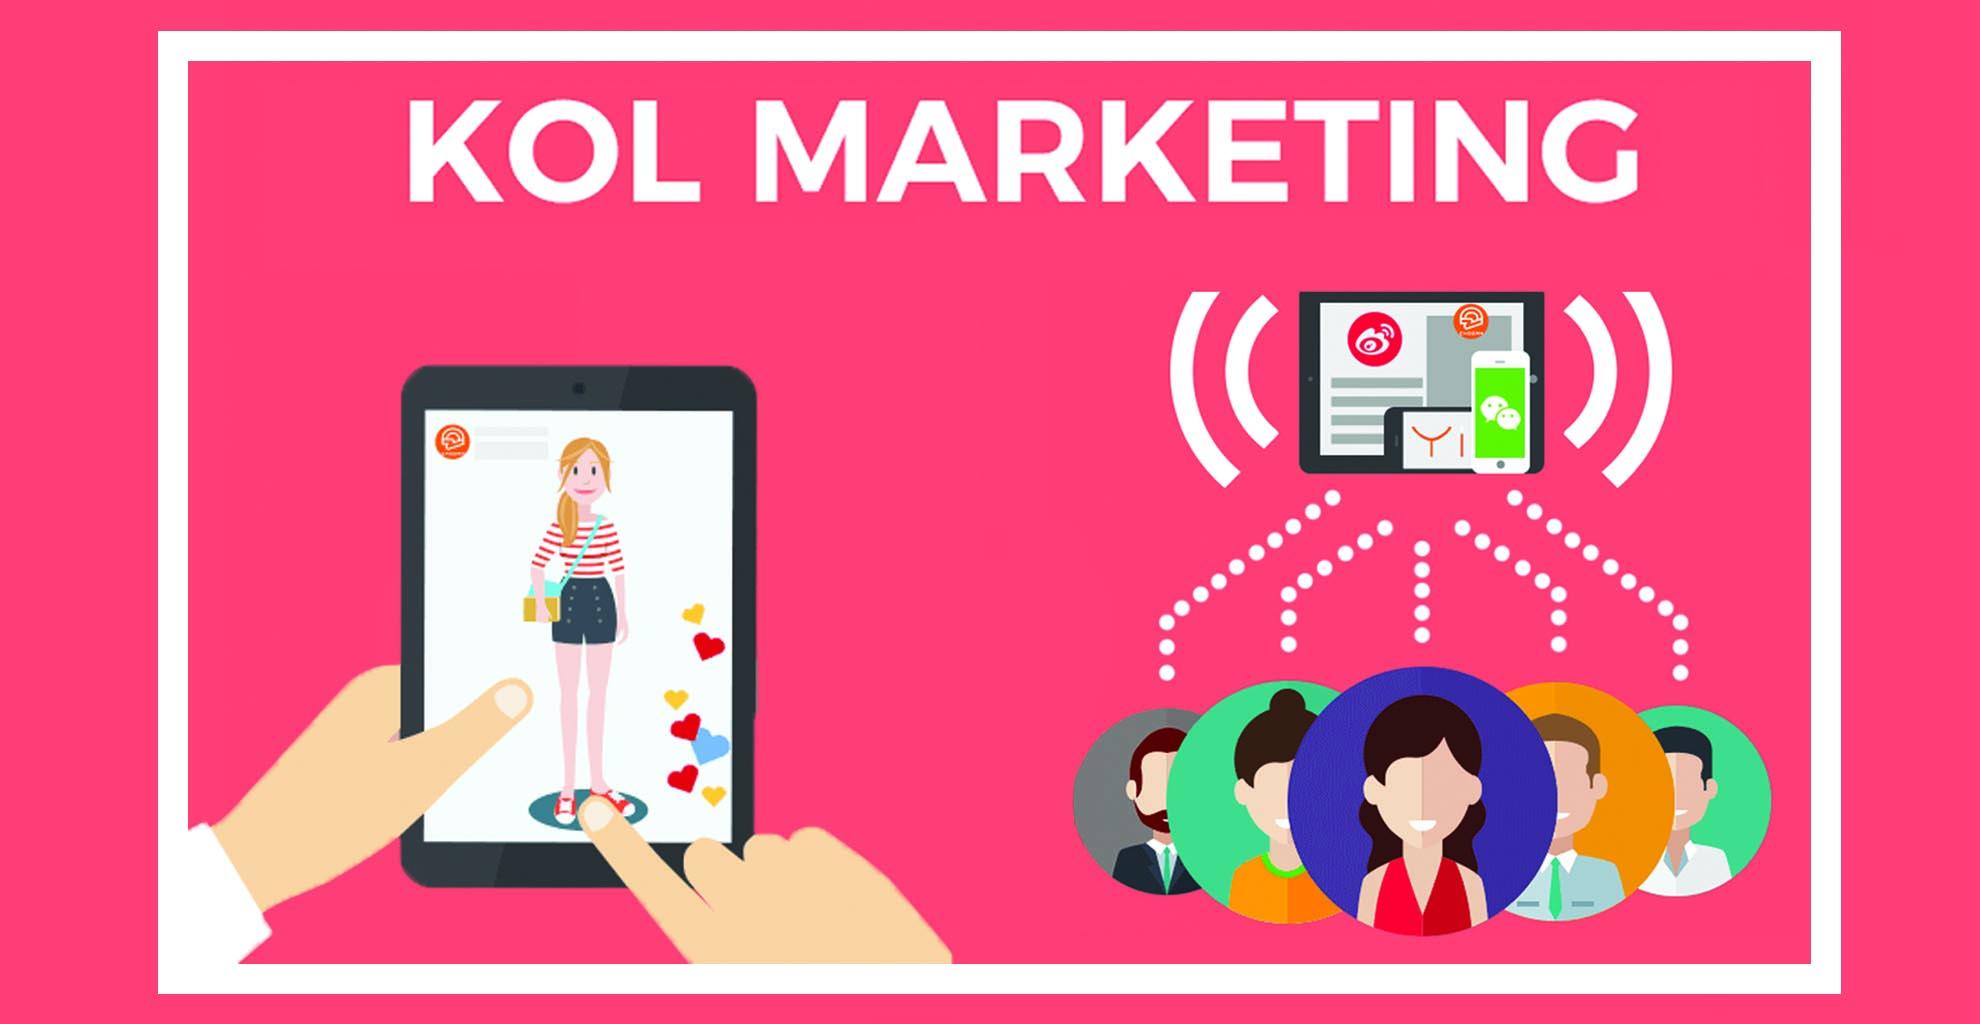 Bí quyết chọn KOLs marketing hiệu quả cho doanh nghiệp